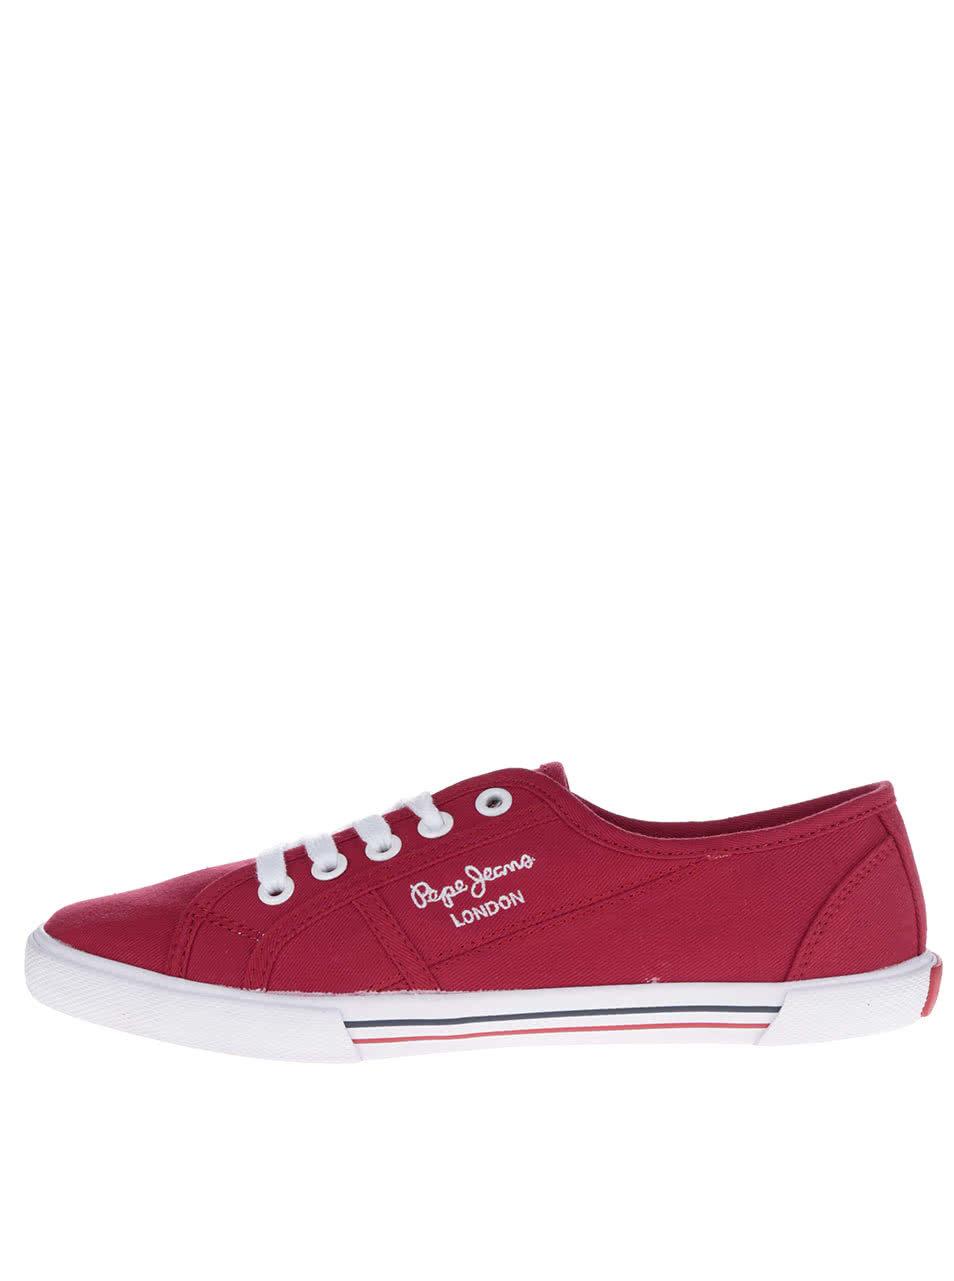 Červené dámske tenisky Pepe Jeans Aberlady Basic ... c98d51864c